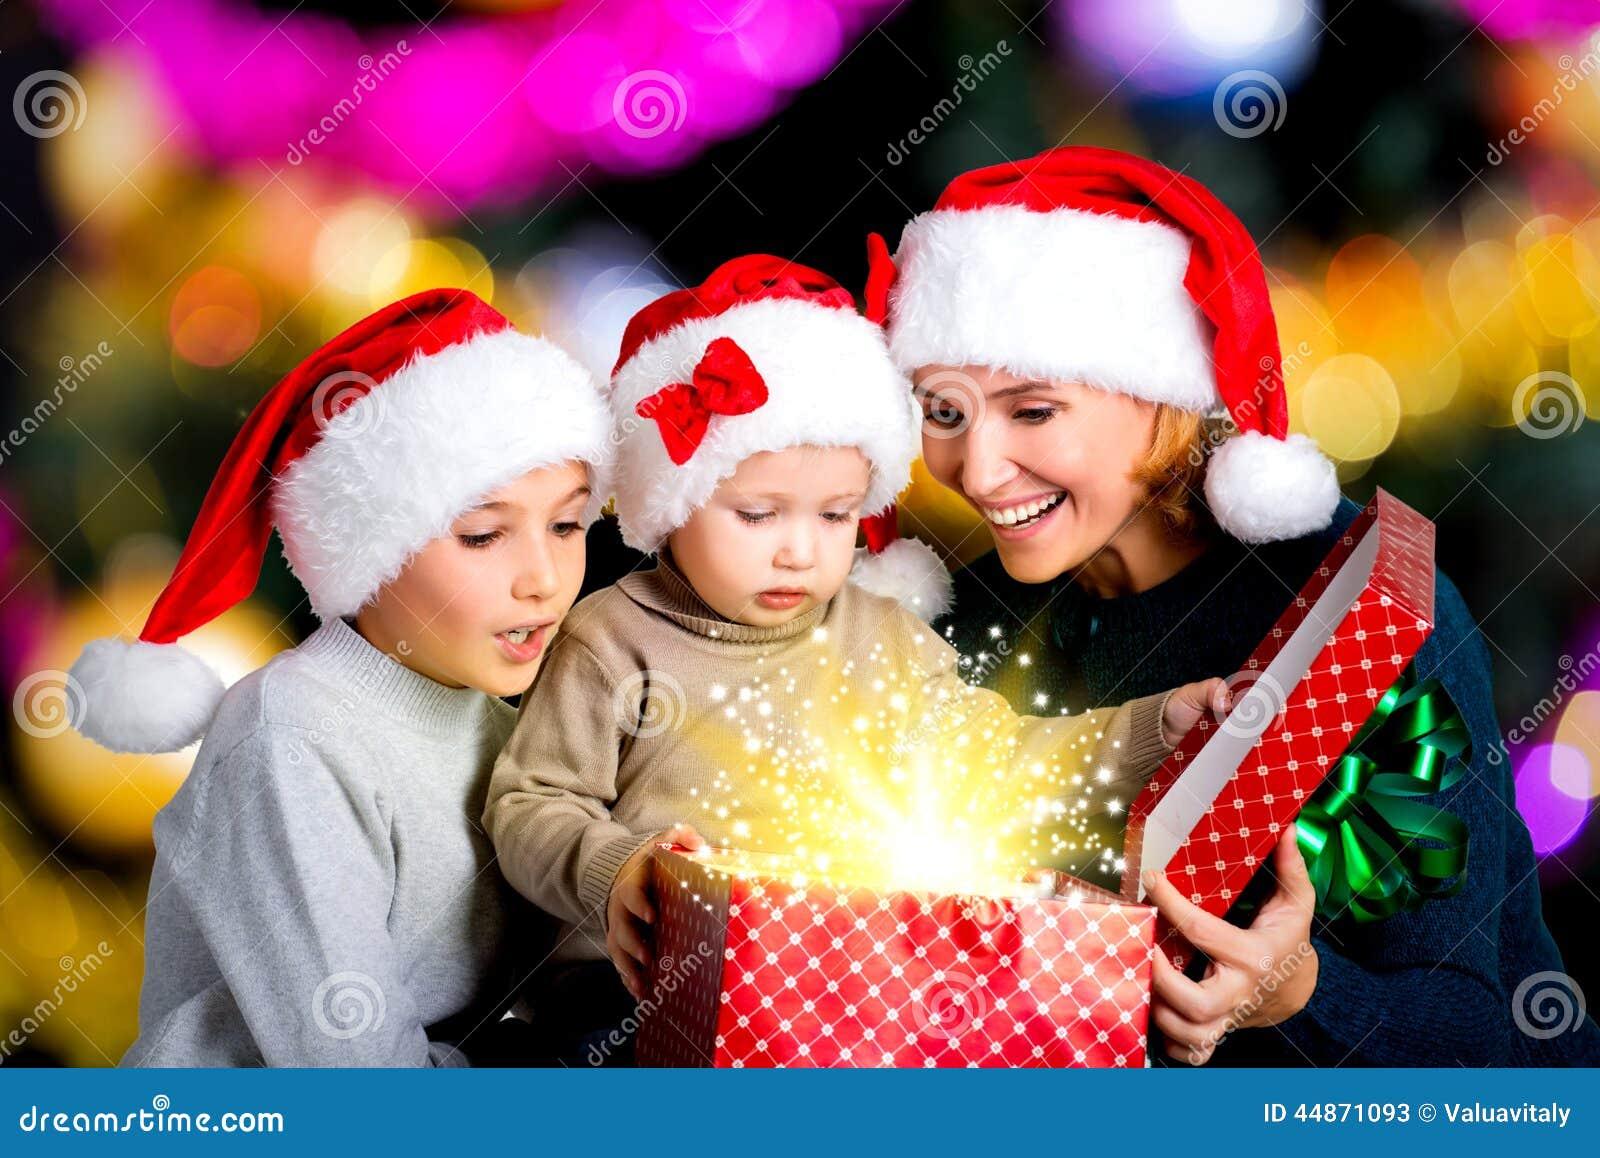 la m re avec des enfants ouvre la bo te avec des cadeaux de no l image stock image 44871093. Black Bedroom Furniture Sets. Home Design Ideas